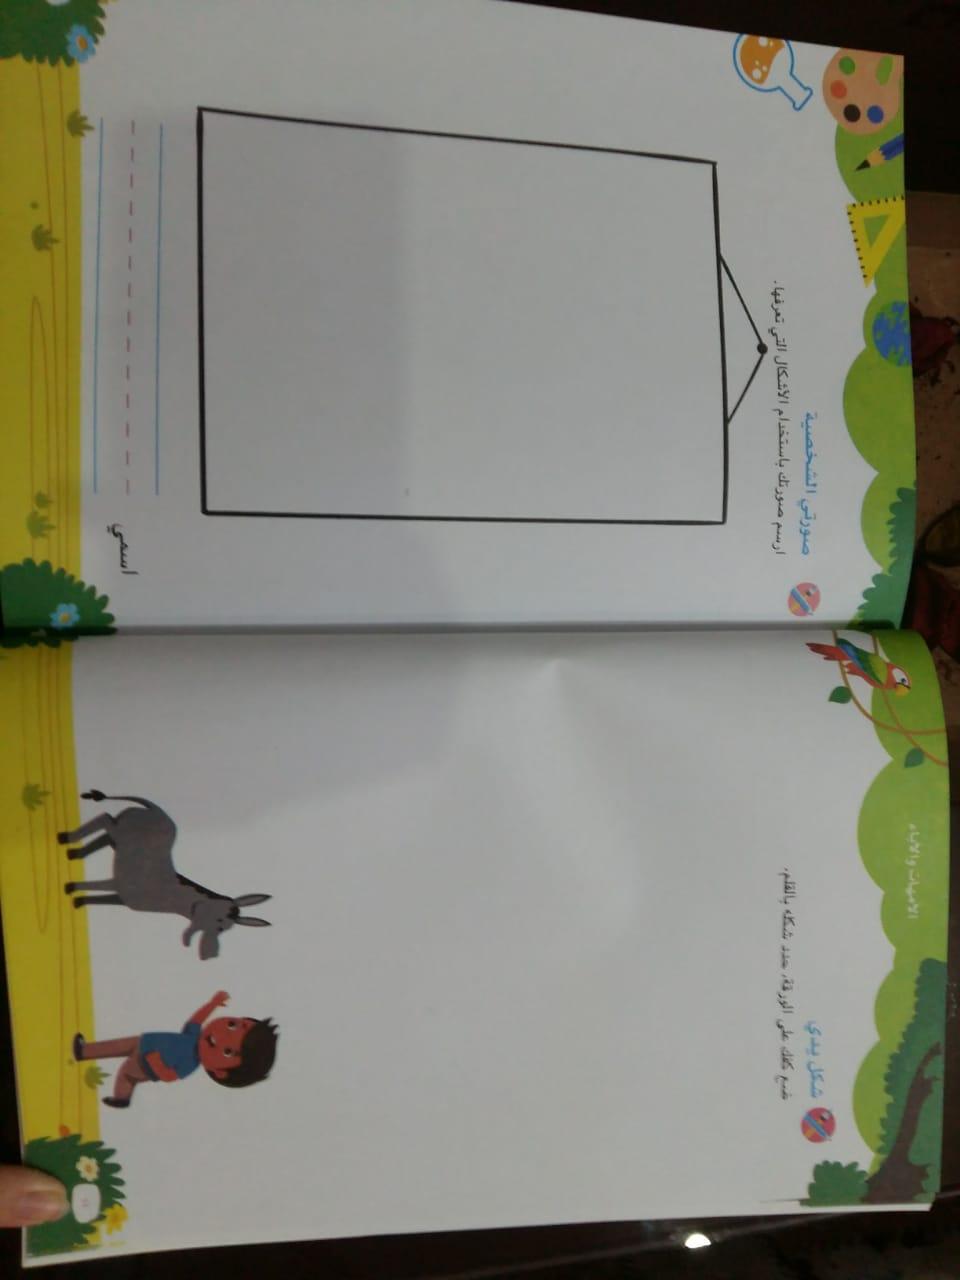 منهج رياض الأطفال الجديد (65)